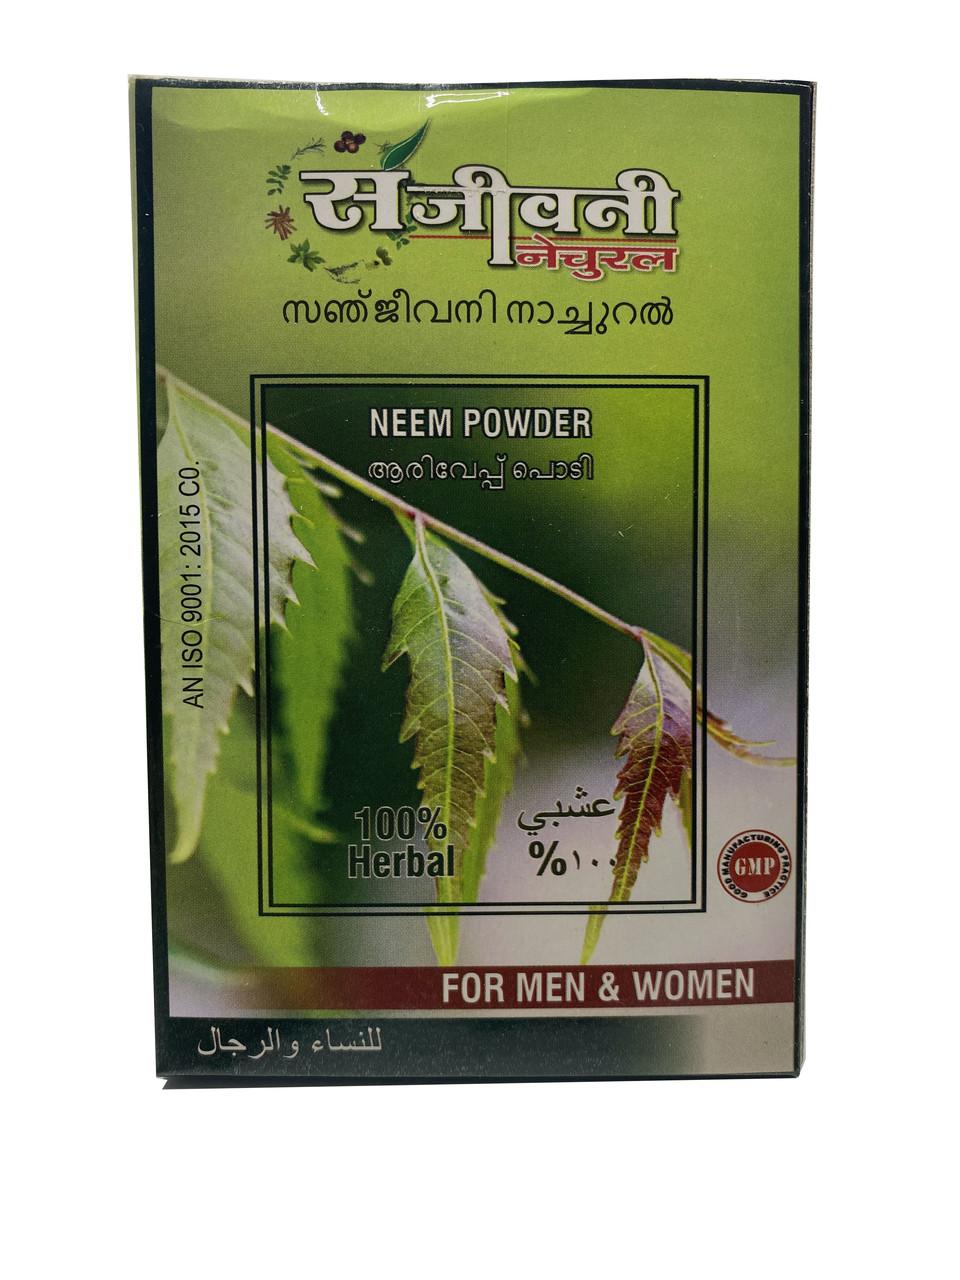 Аюрведический травяной  порошок Нима от акнэ, перхоти и грибковых поражений Sanjeevani Neem powder 25 грамм